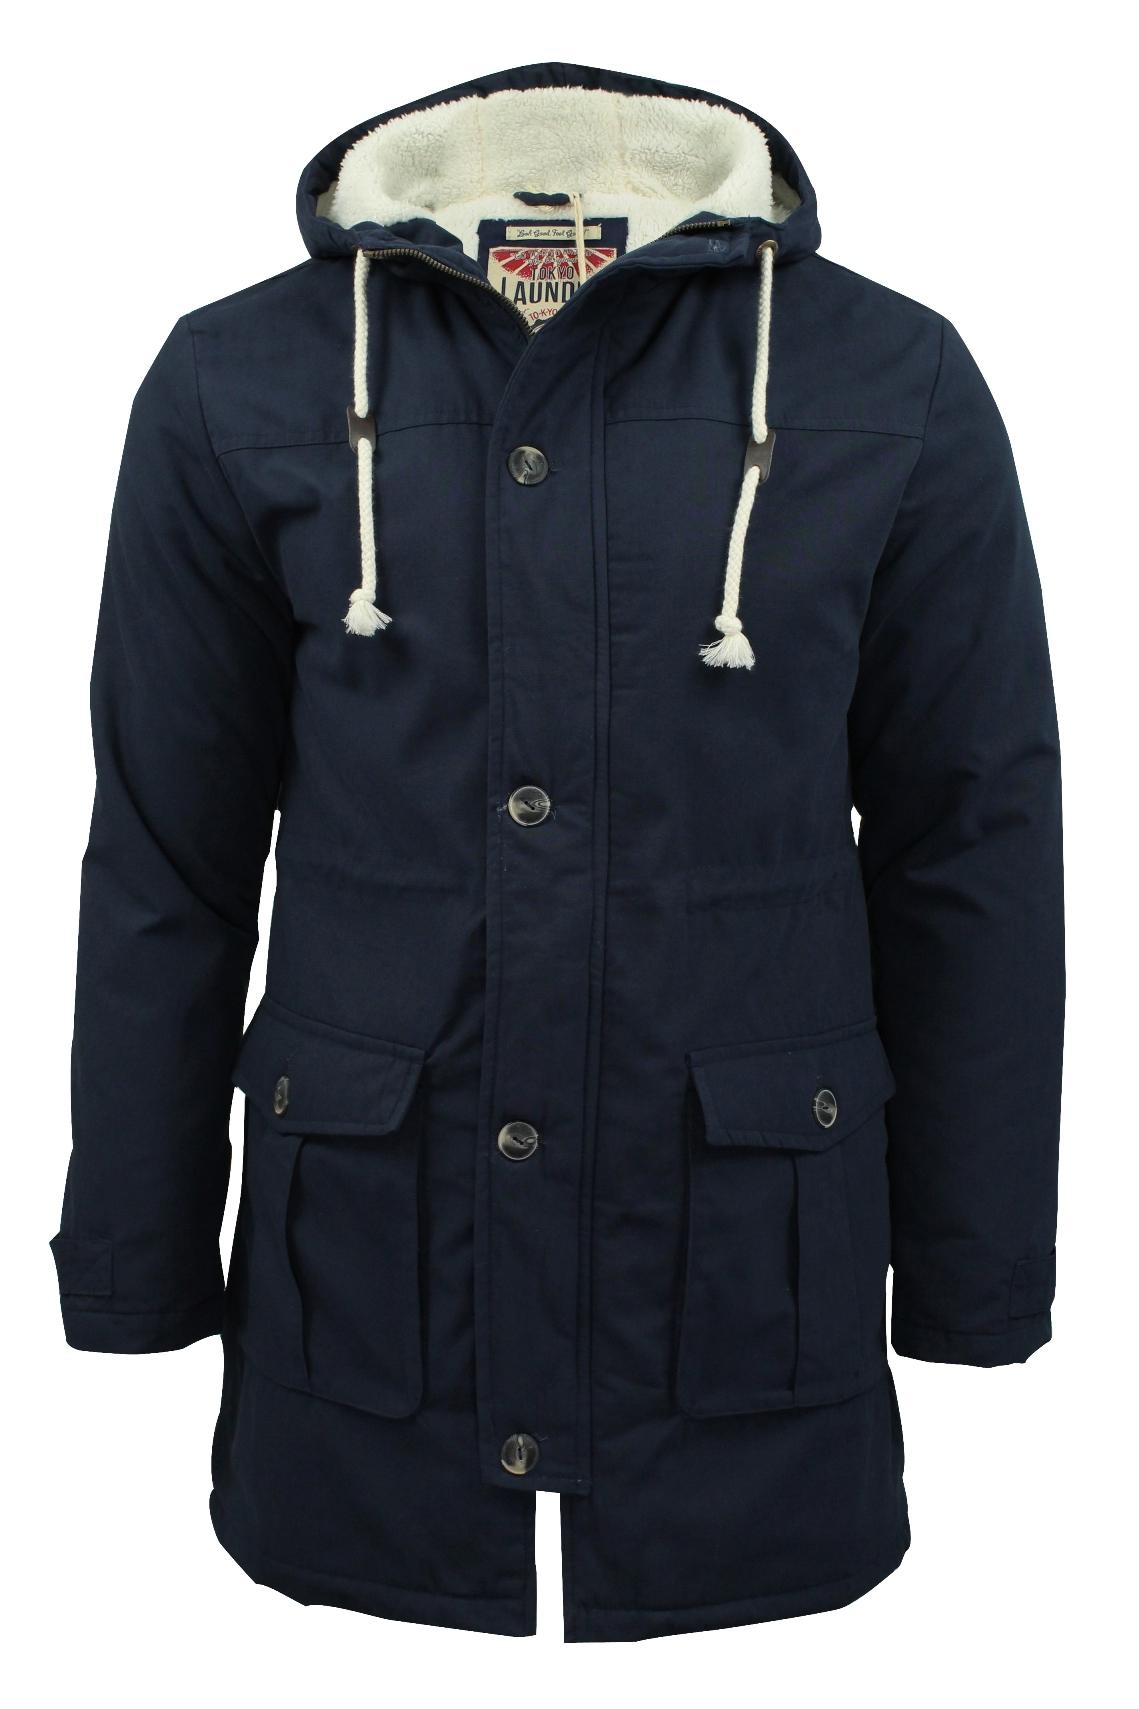 mens parka coats mens-parka-jacket-tokyo-laundry-039-braxton-039- fzngmdh